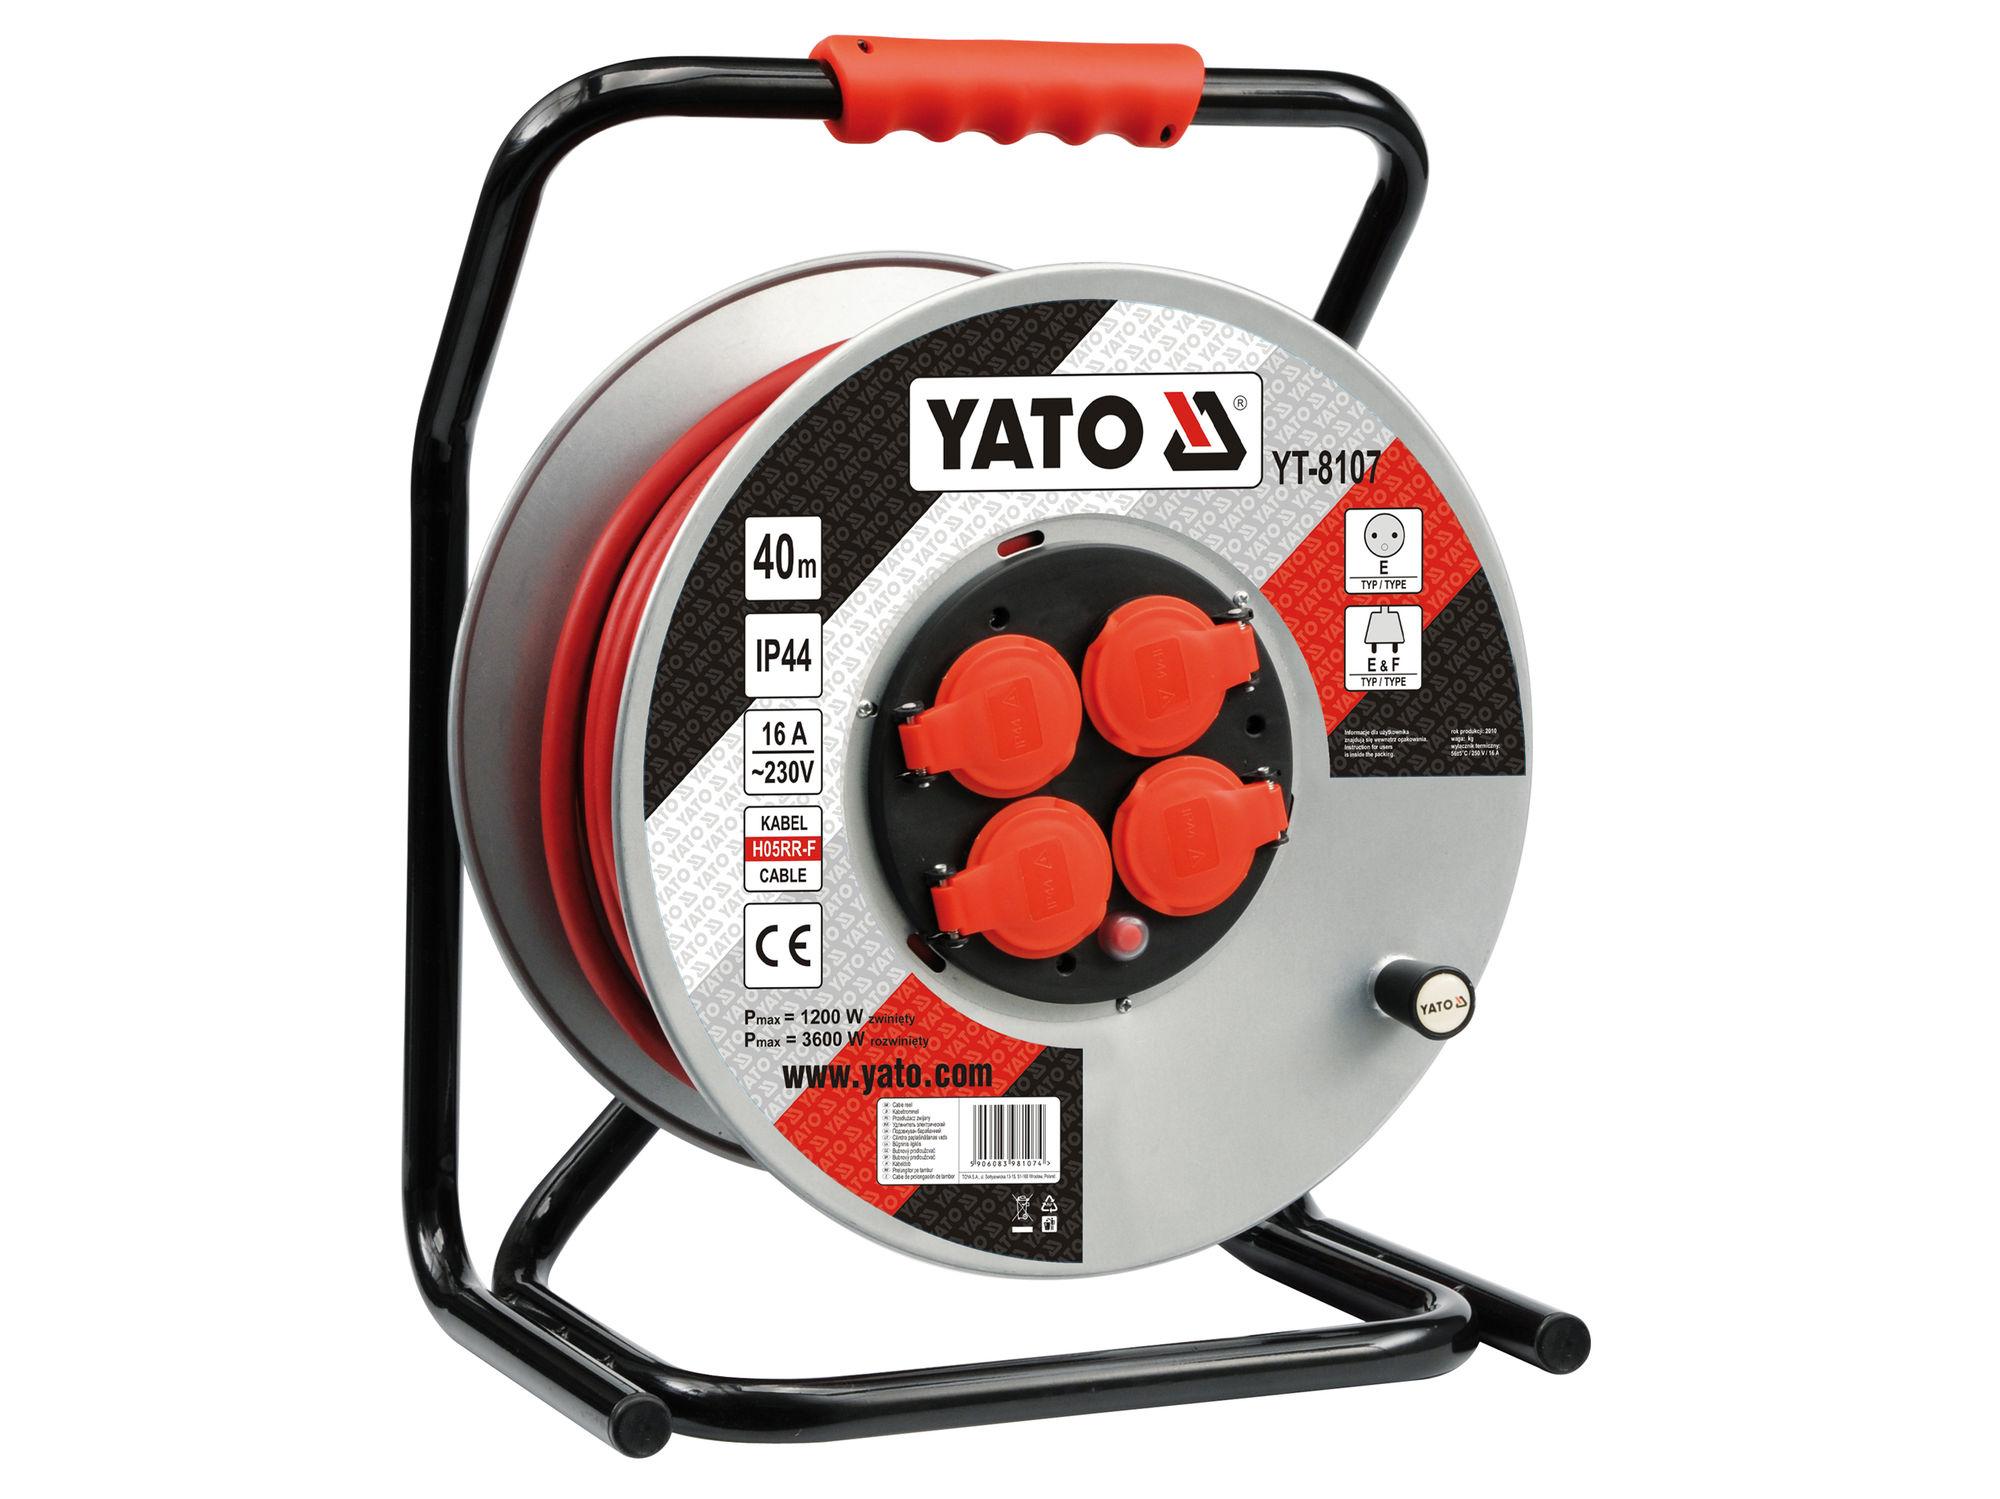 Cuộn dây điện rulo 40m Yato YT-8107